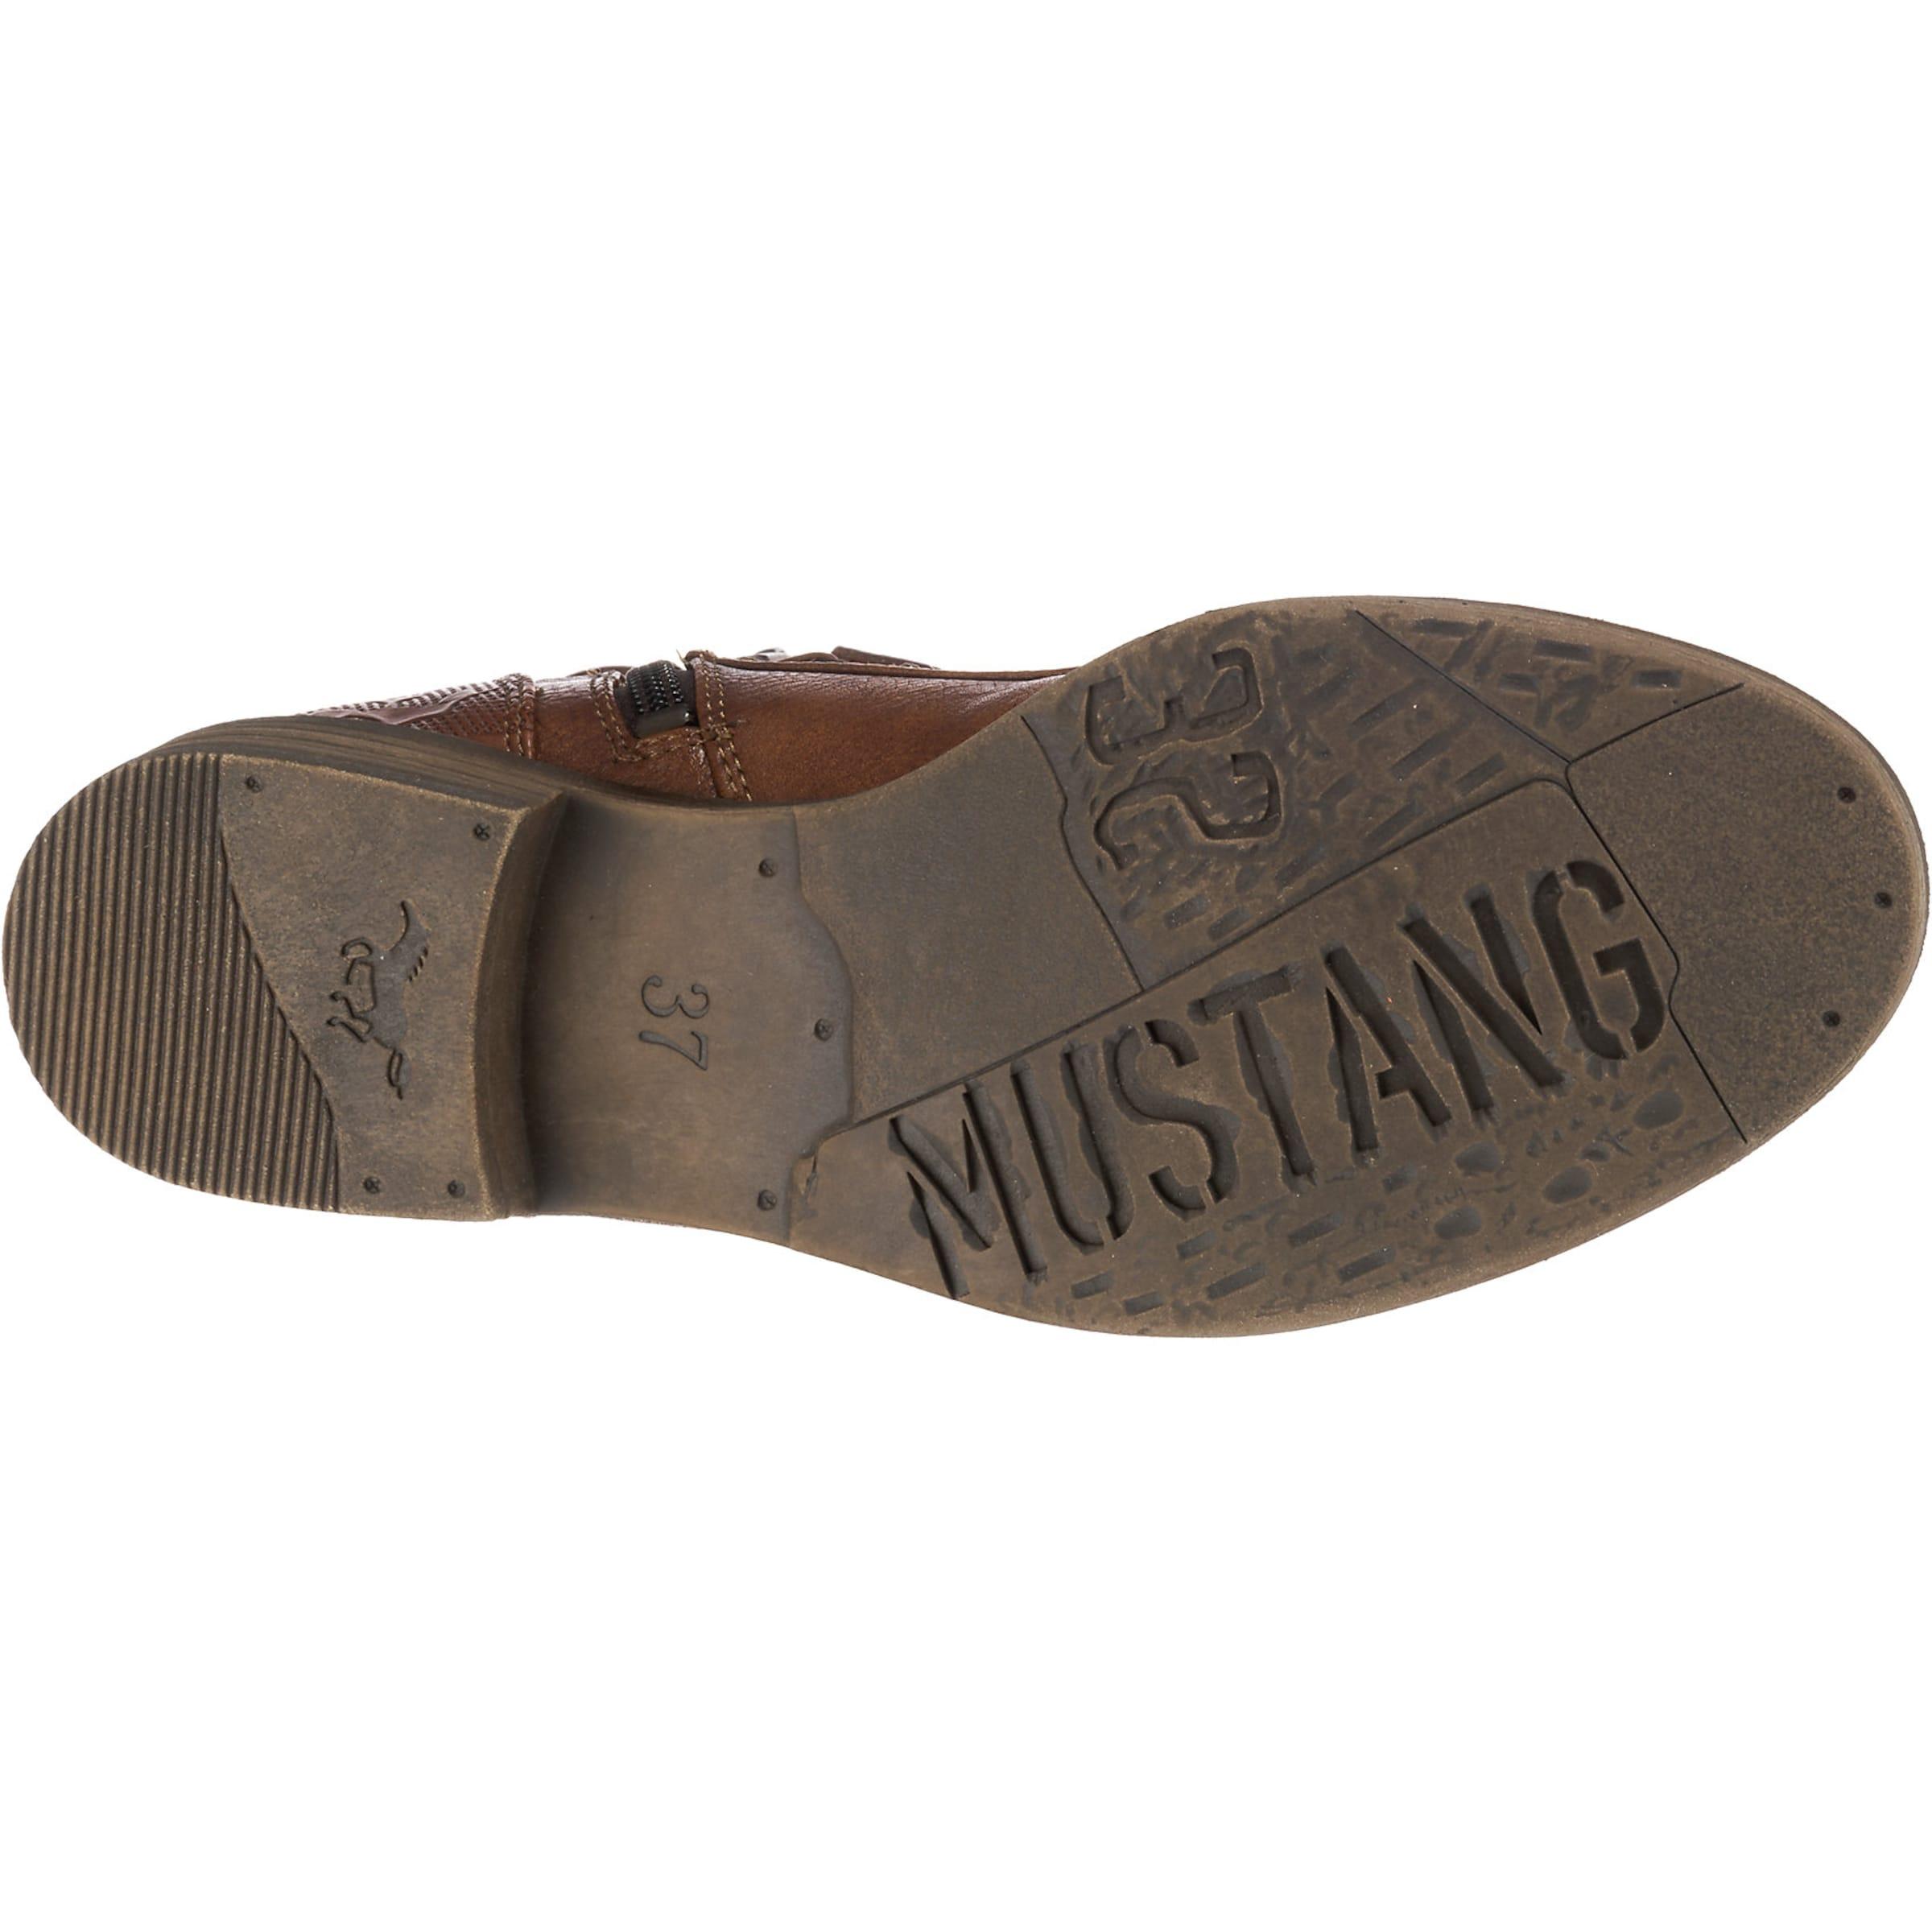 MUSTANG Stövlett med snörning i brun